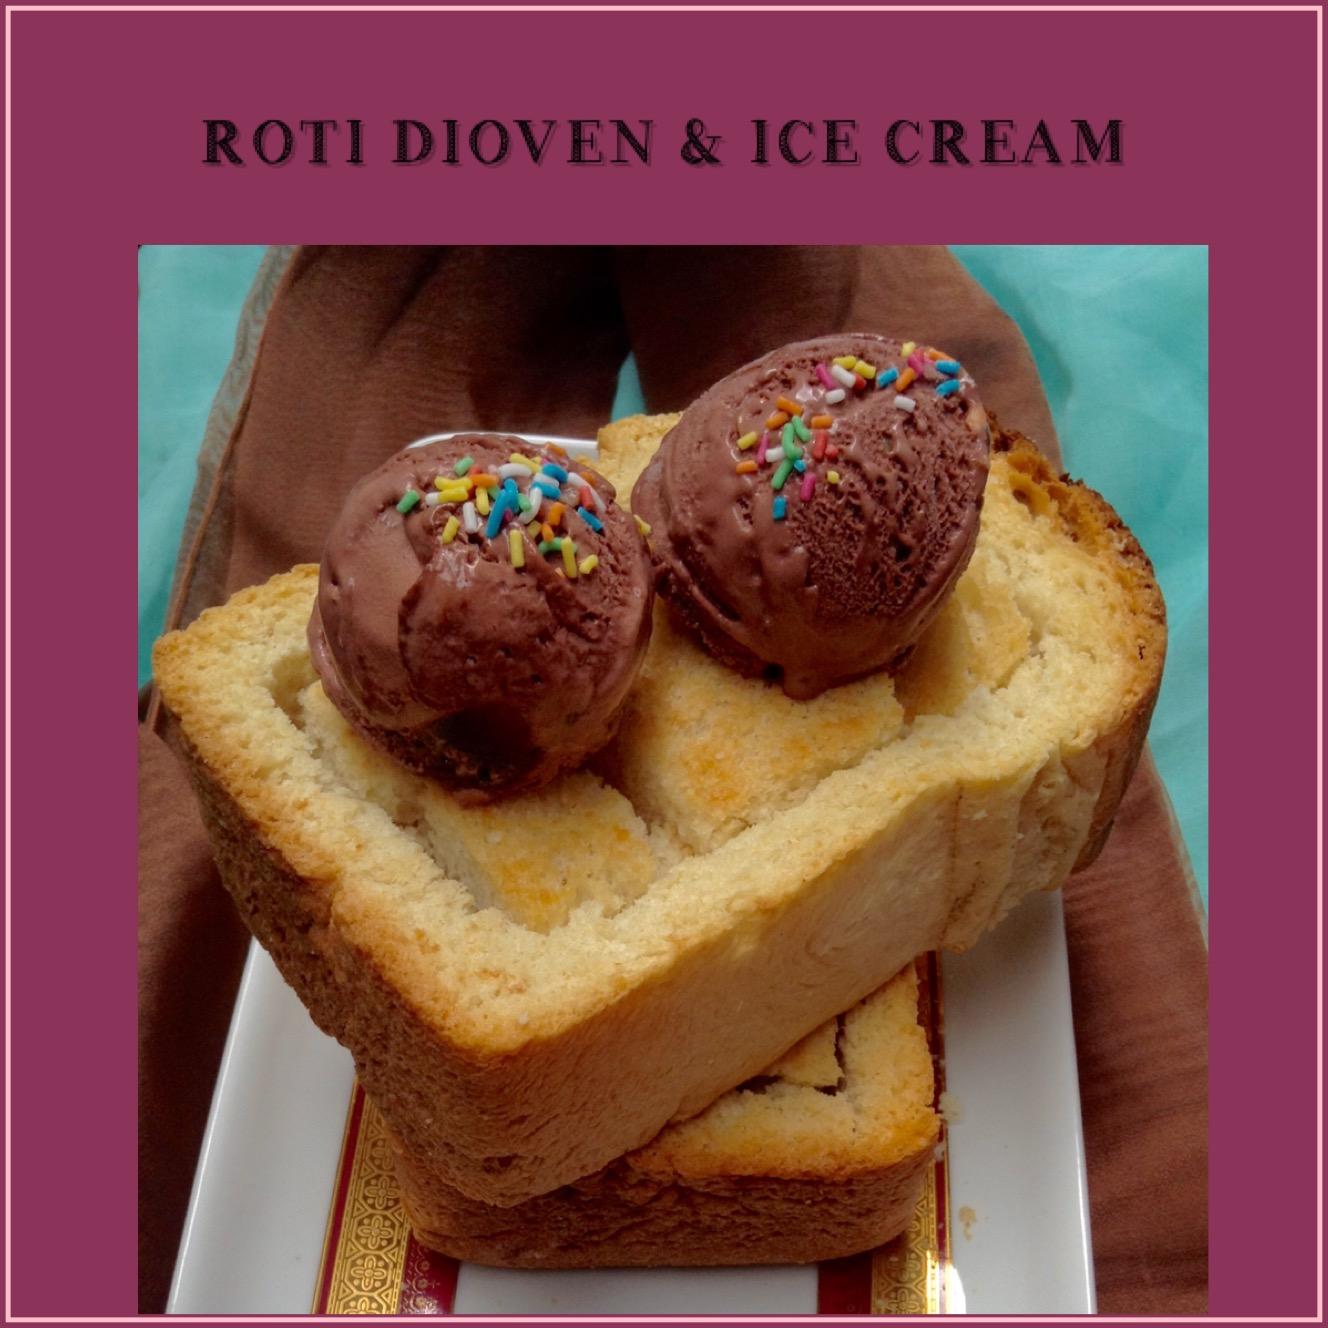 Roti Di Oven & Ice Cream